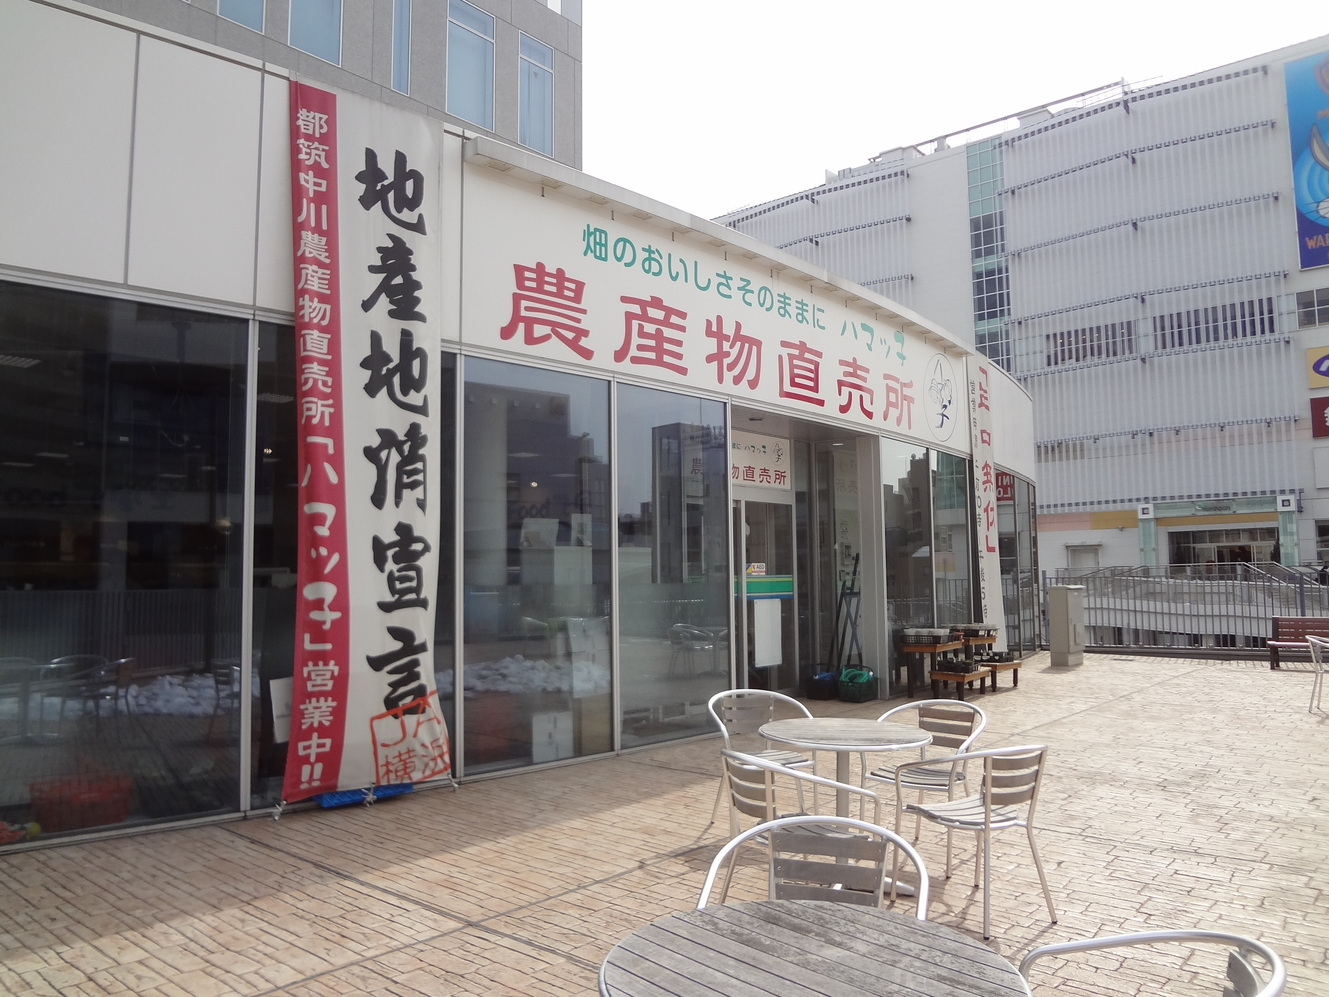 ハマッ子直売所 都筑中川店